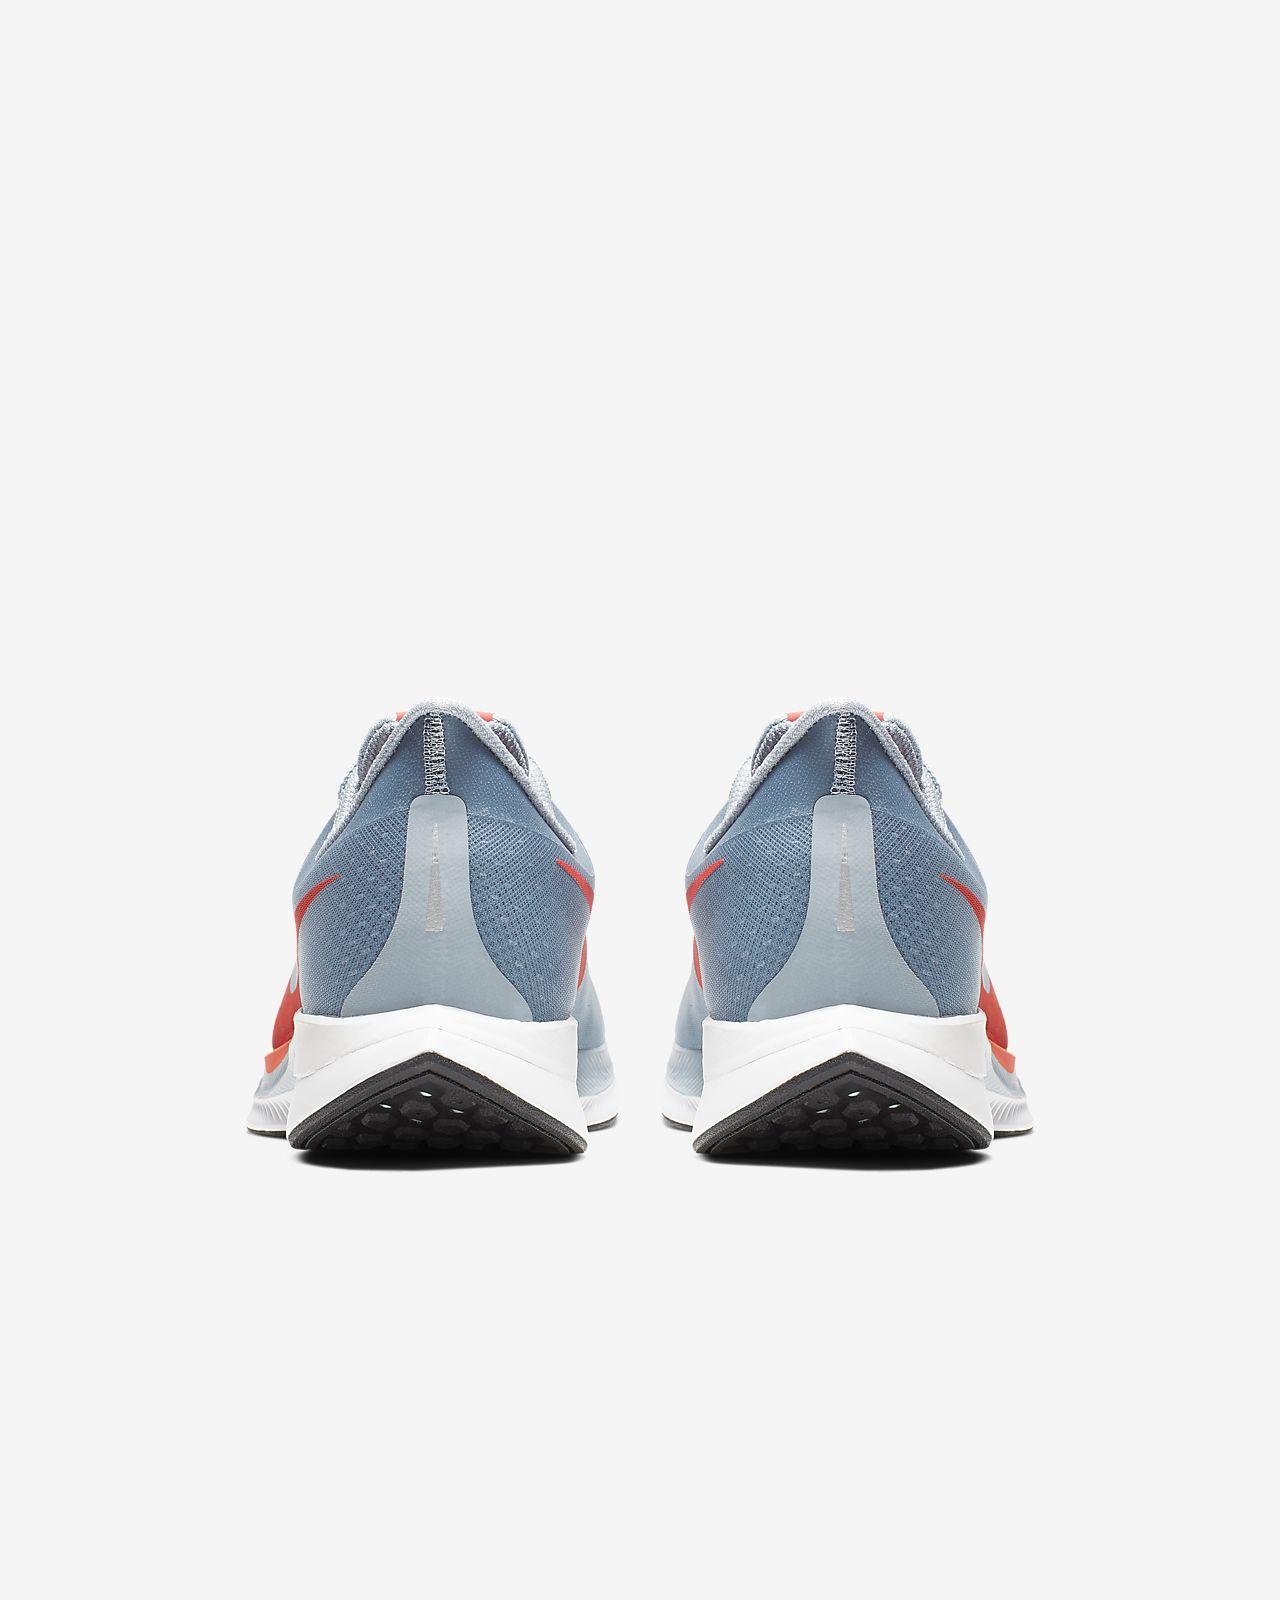 new arrival 1e23c f2c8c ... Nike Zoom Pegasus Turbo Men s Running Shoe